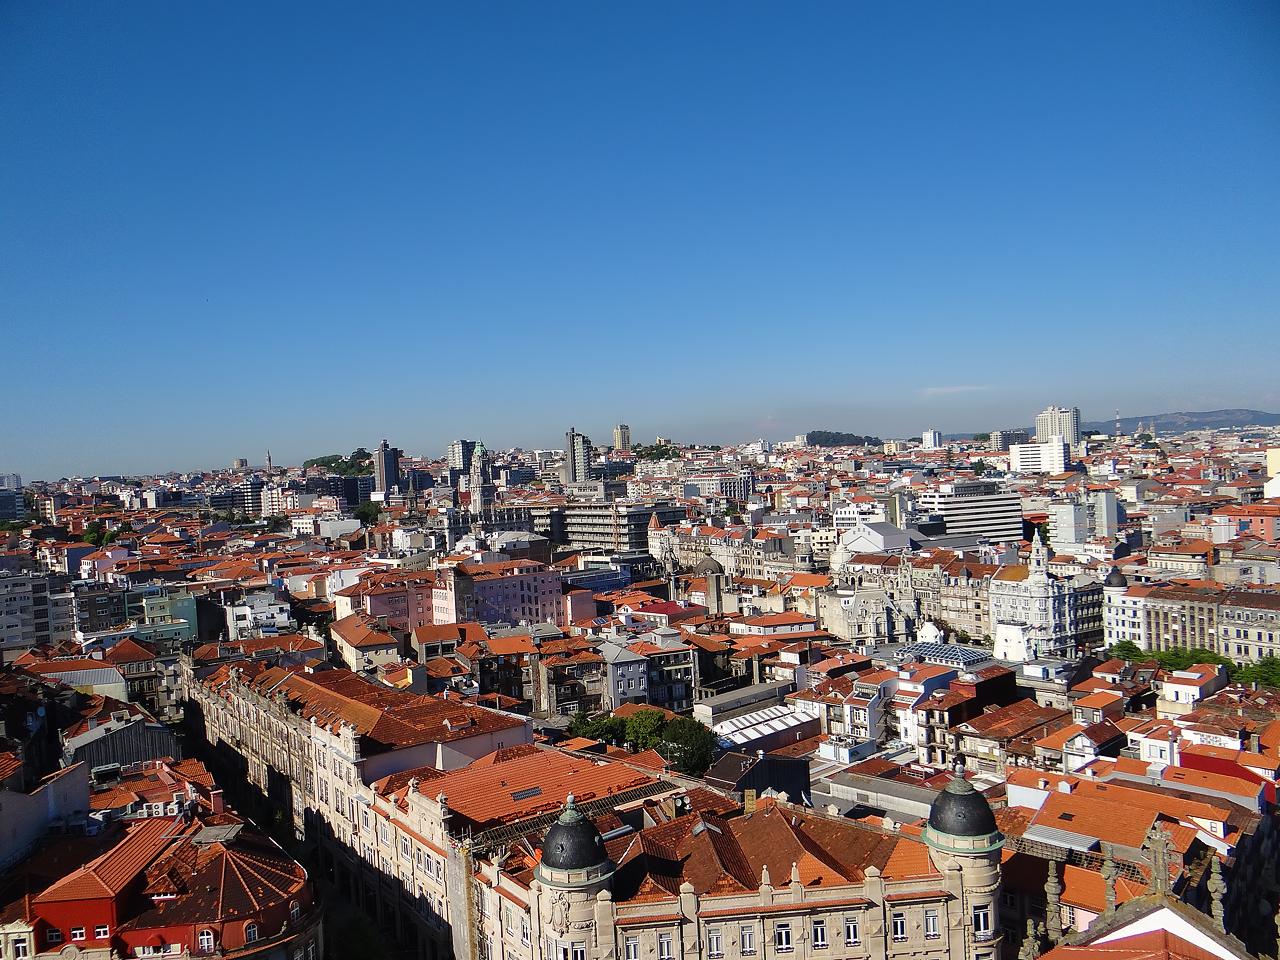 Intégration des IGH dans la trame urbaine de Porto : discontinuité dans la continuité (à droite, la plus haute tour de la métropole, 75 mètres)